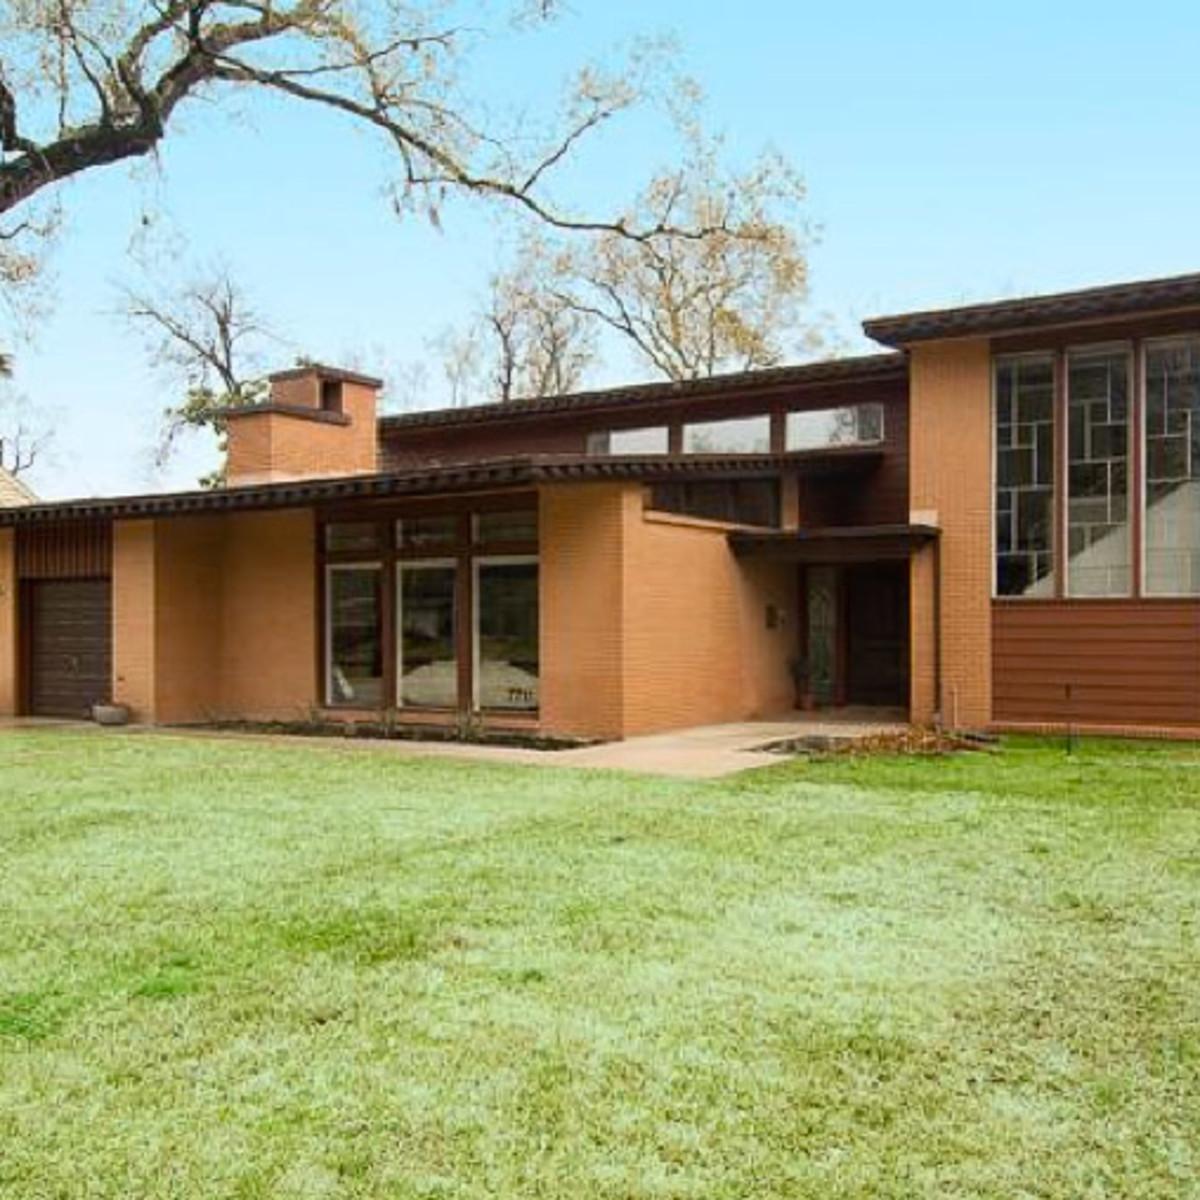 News_Peter Barnes_real estate_neighborhood_Peter Barnes_Glenbrook Valley_7711 Lakewind